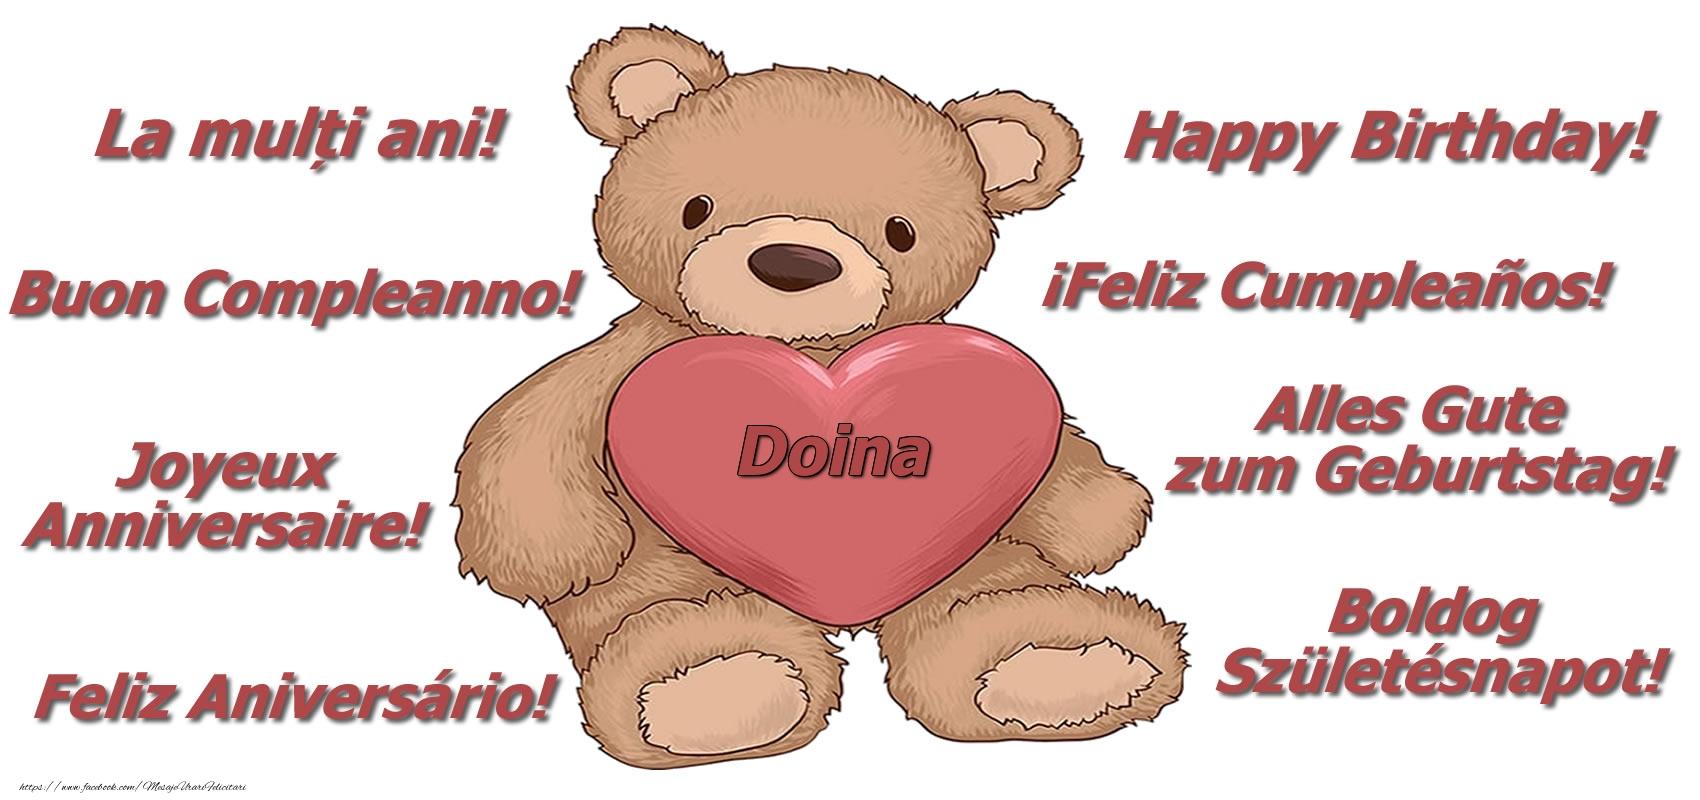 Felicitari de zi de nastere - La multi ani Doina! - Ursulet